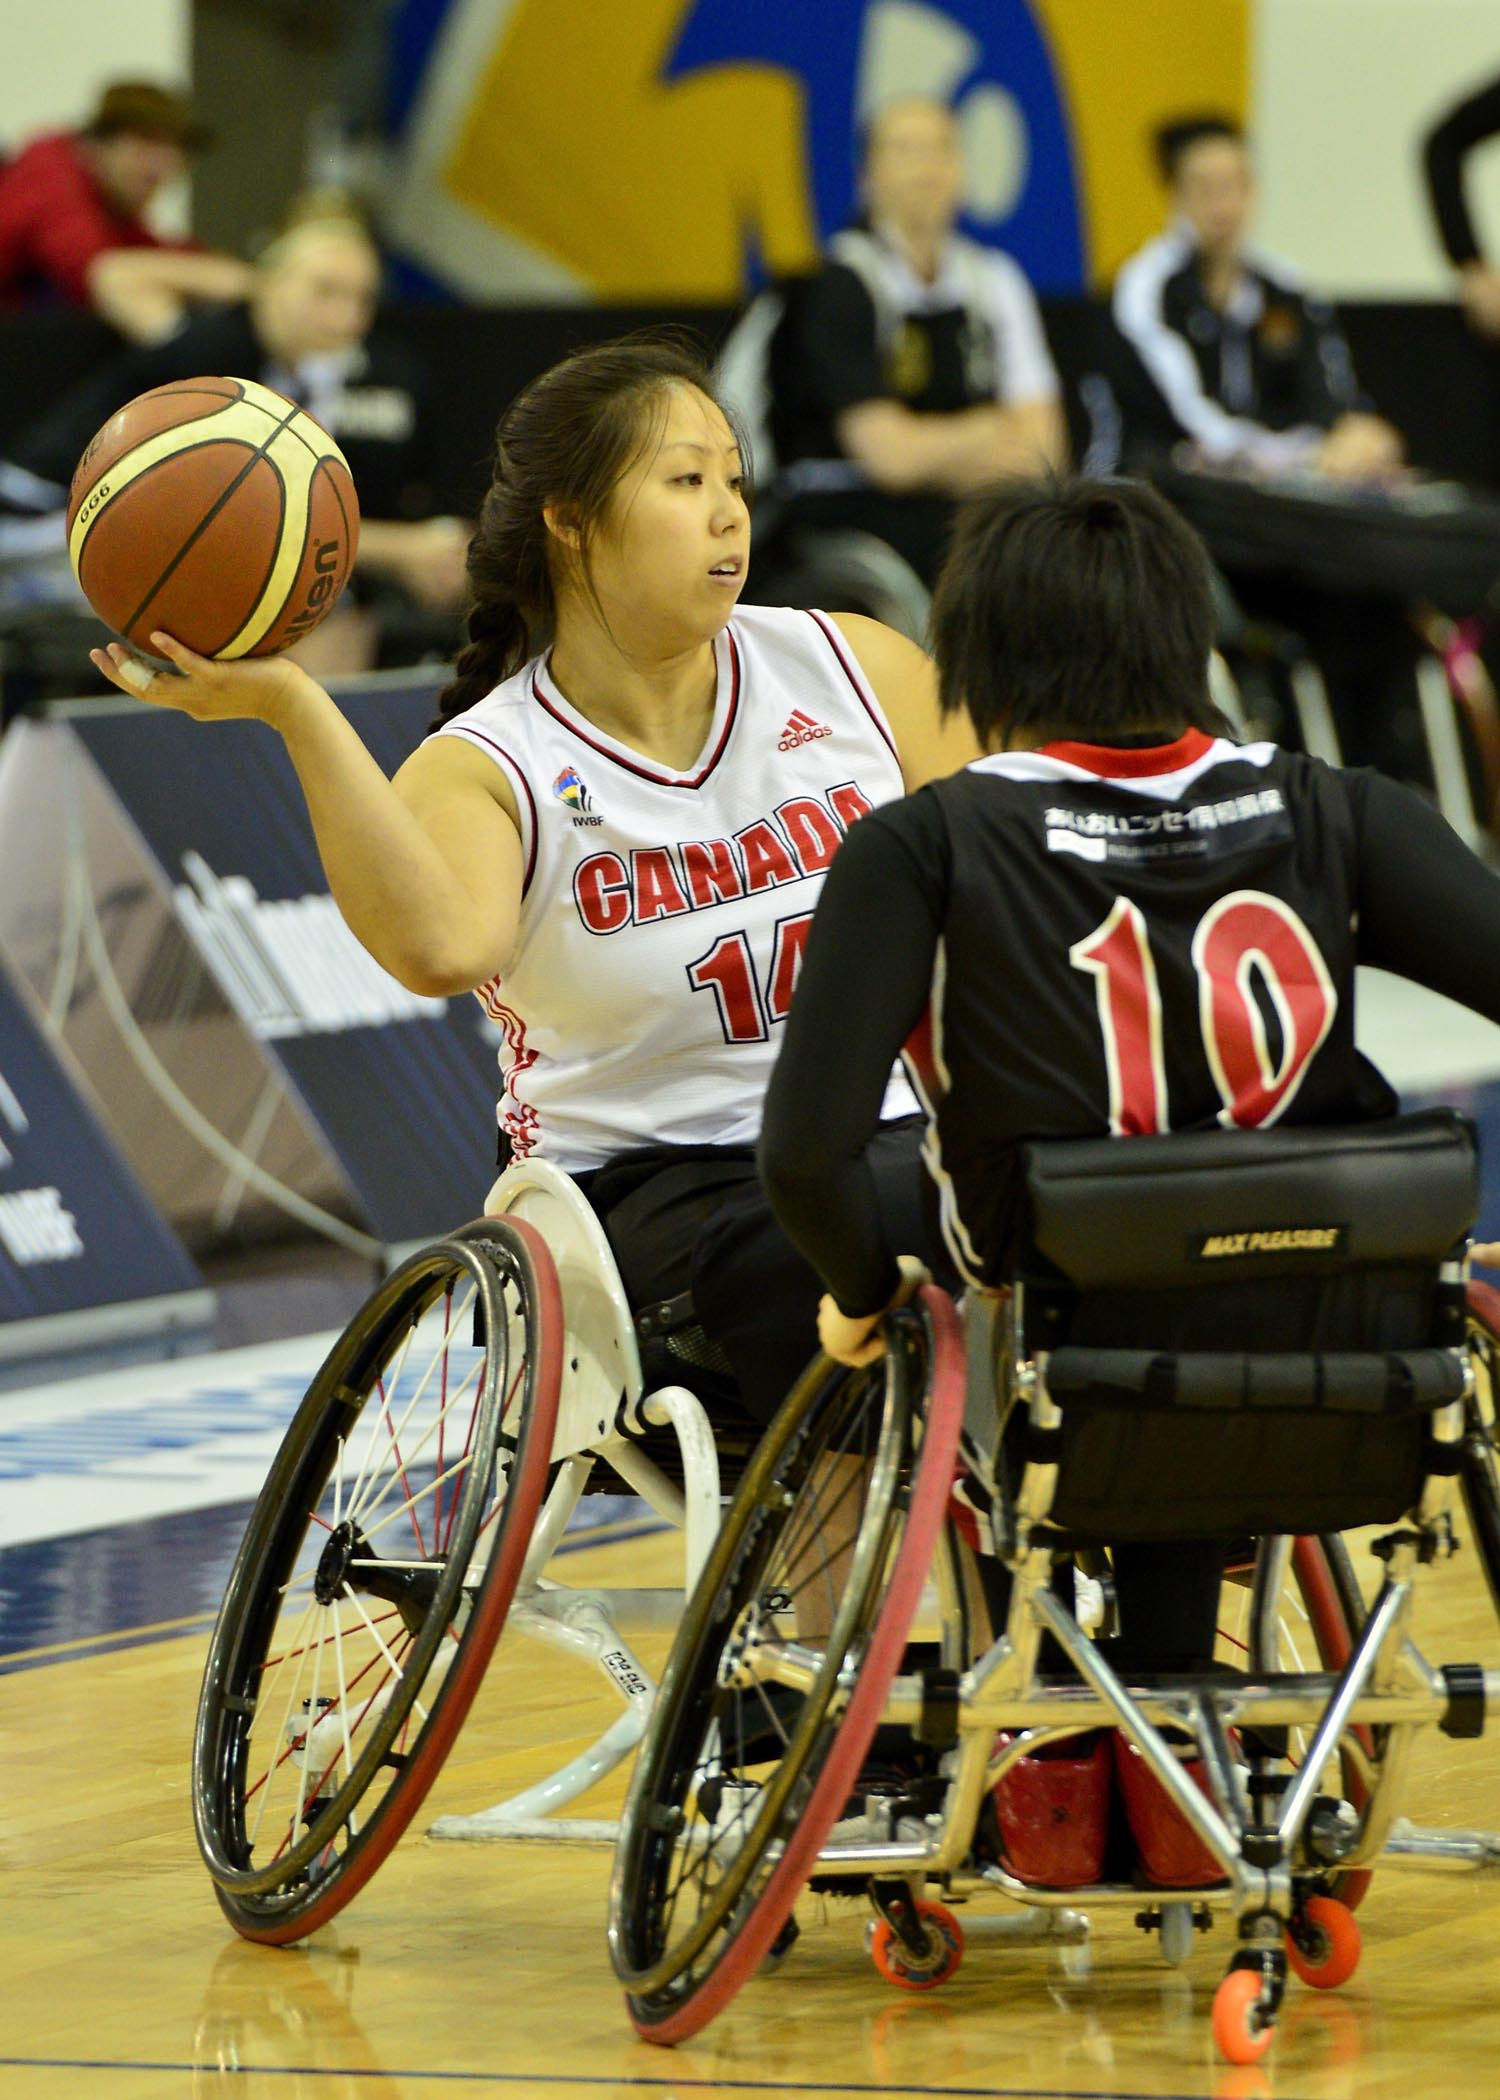 Amanda Yan